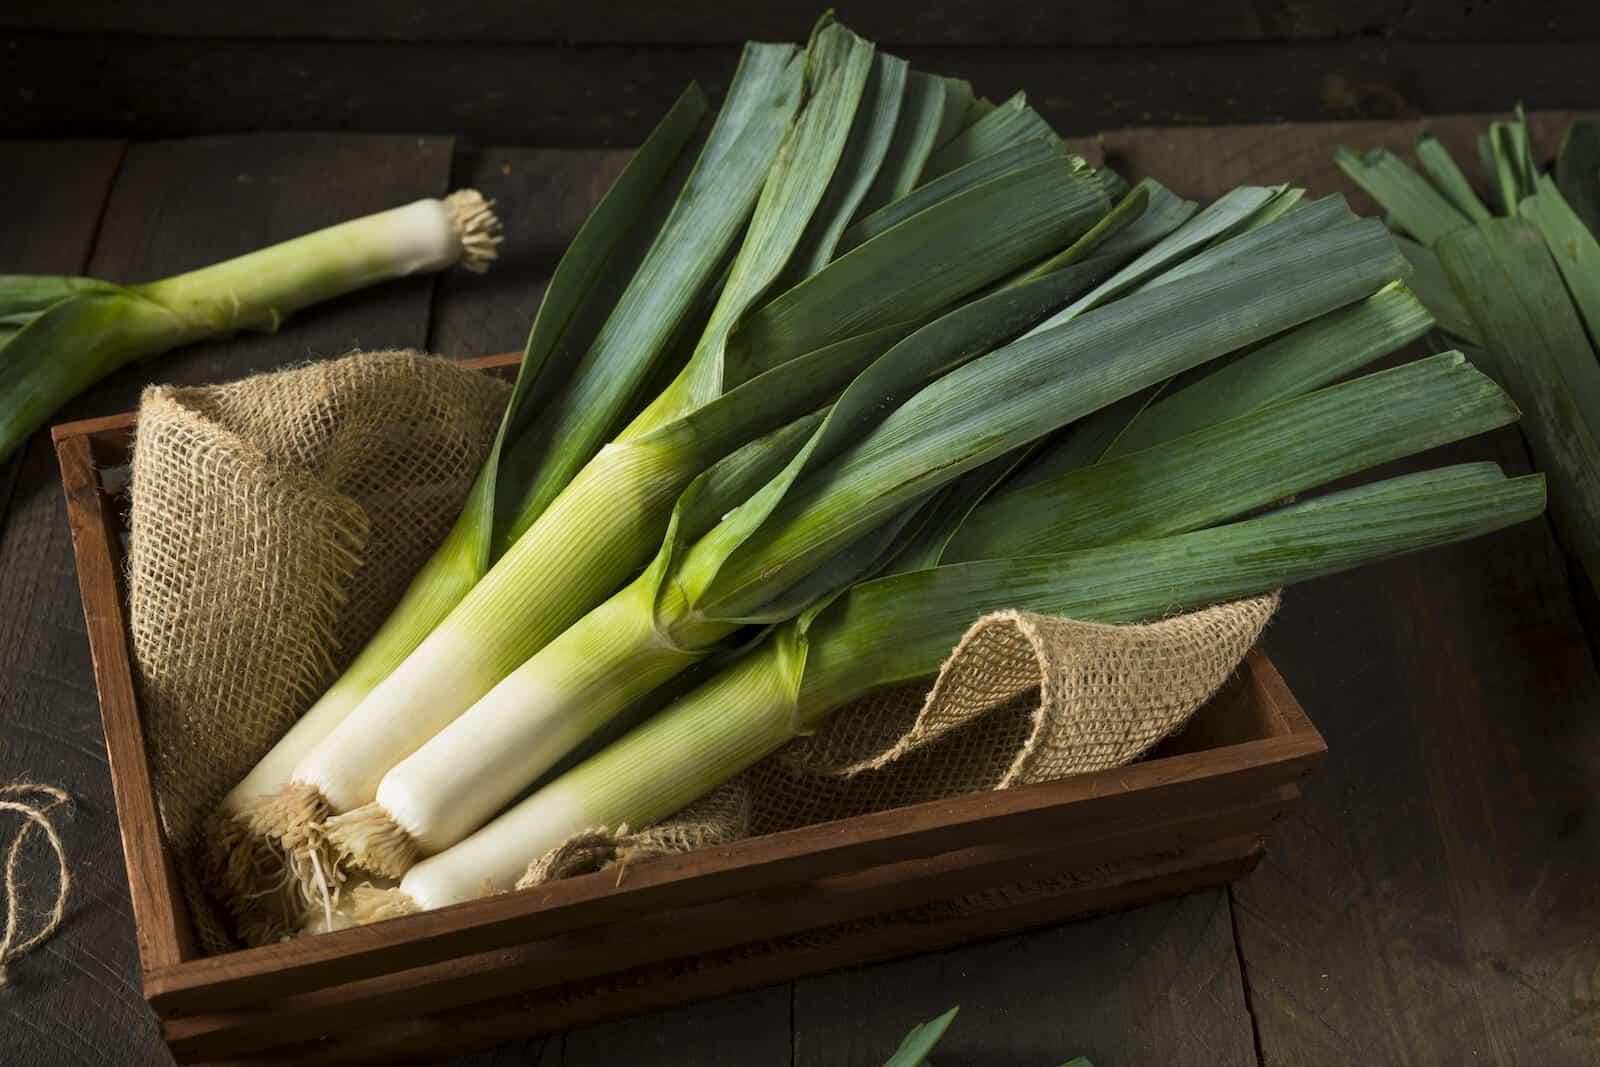 Foods high in sulfur: green leeks